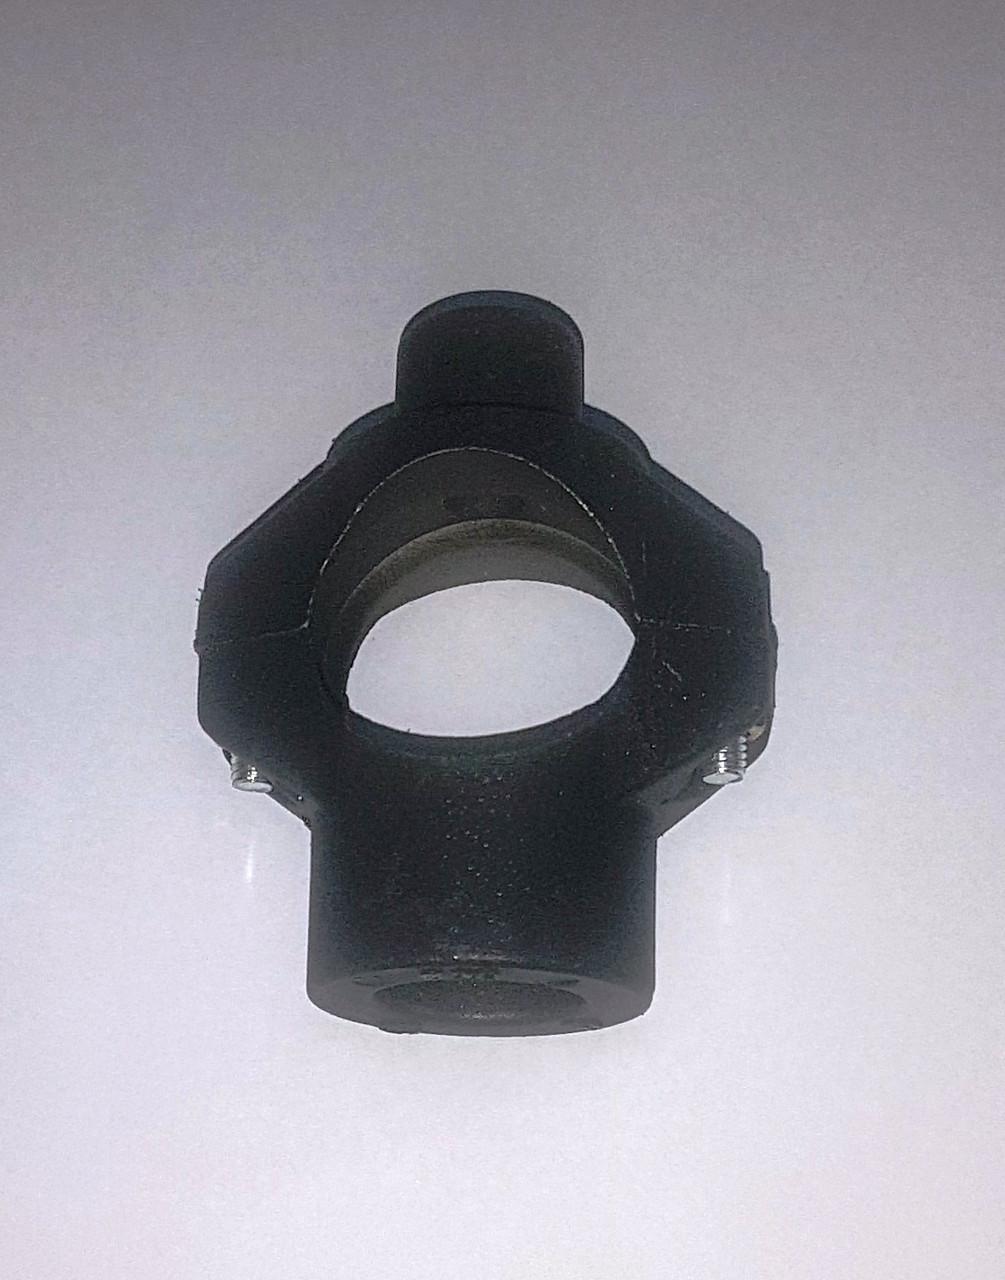 MAREK Насадка для паяльника круглая (не парная) тефлоновая д.32 (Польша)